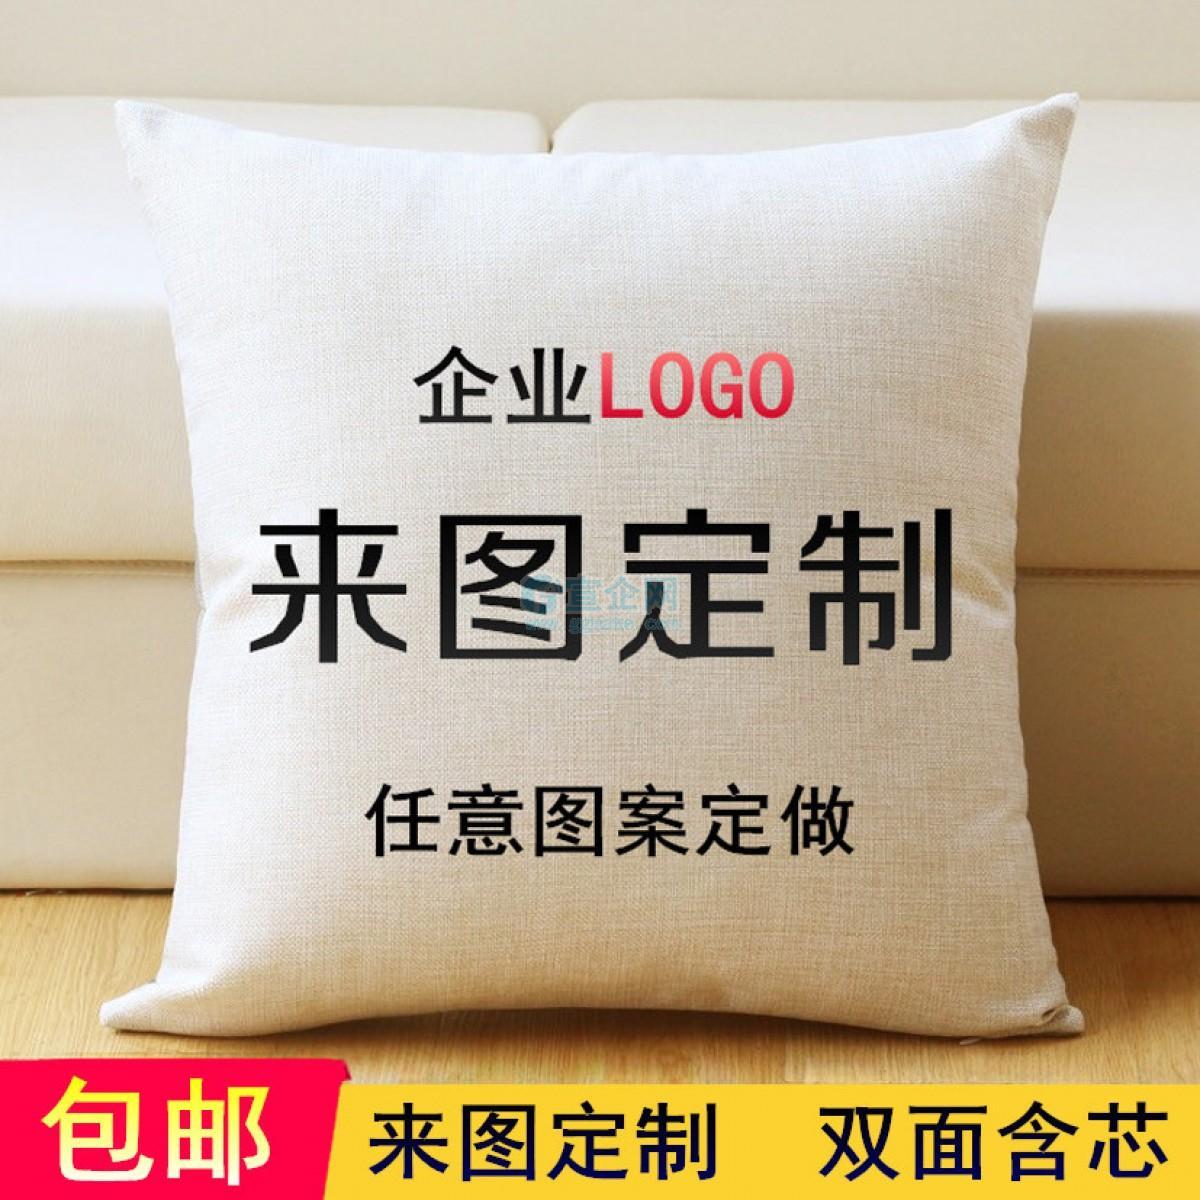 diy抱枕定制来图定做真人照片公司logo靠垫个性创意双面可拆洗